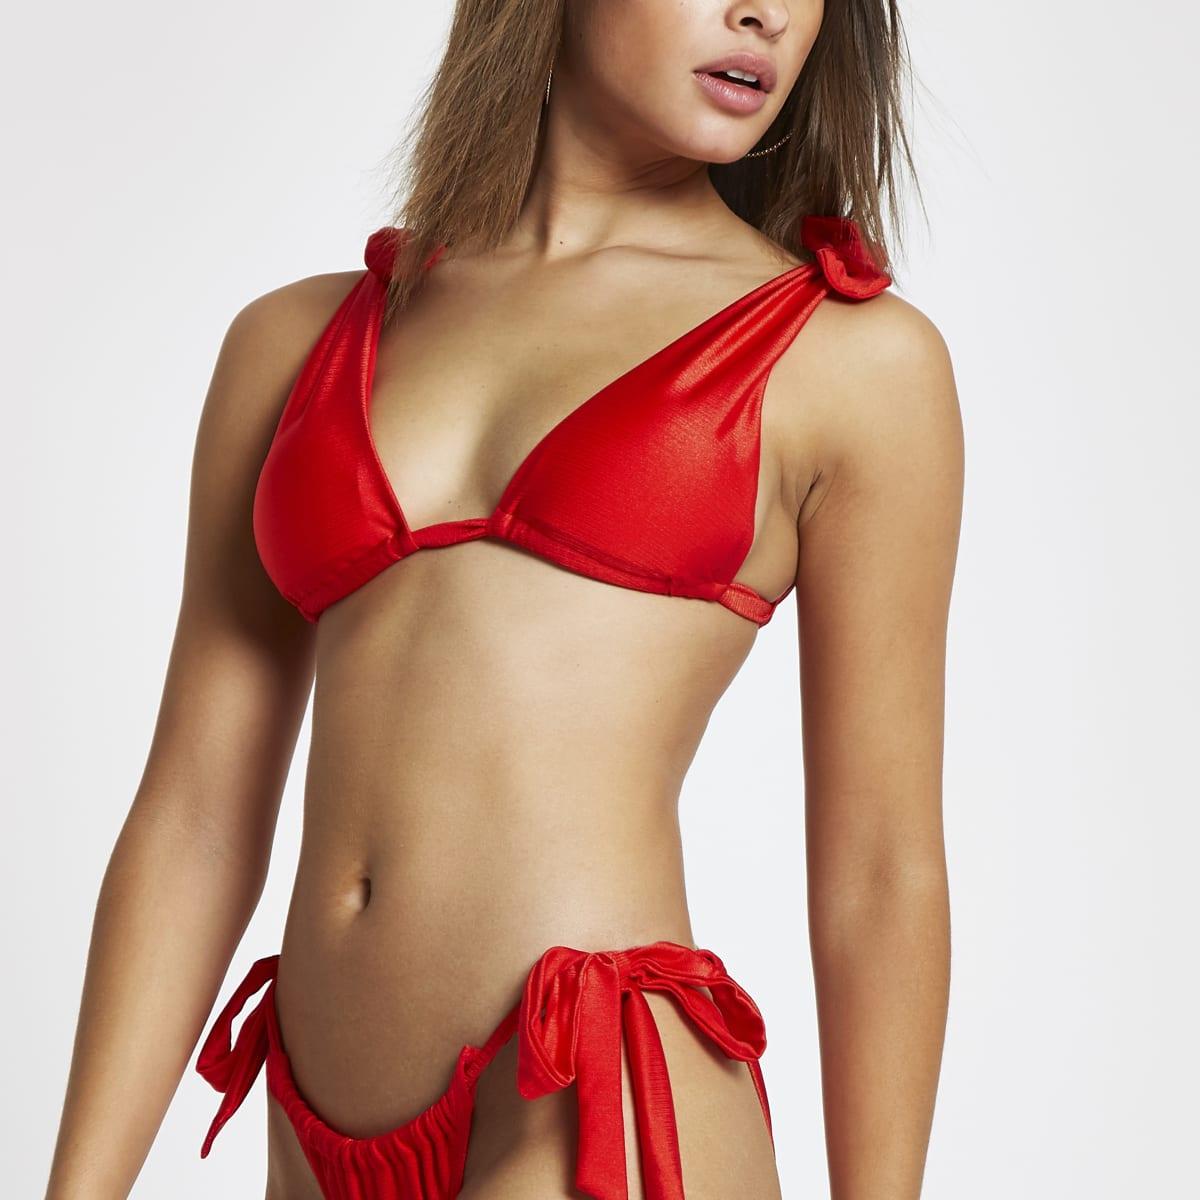 Red bow tie strap bikini top